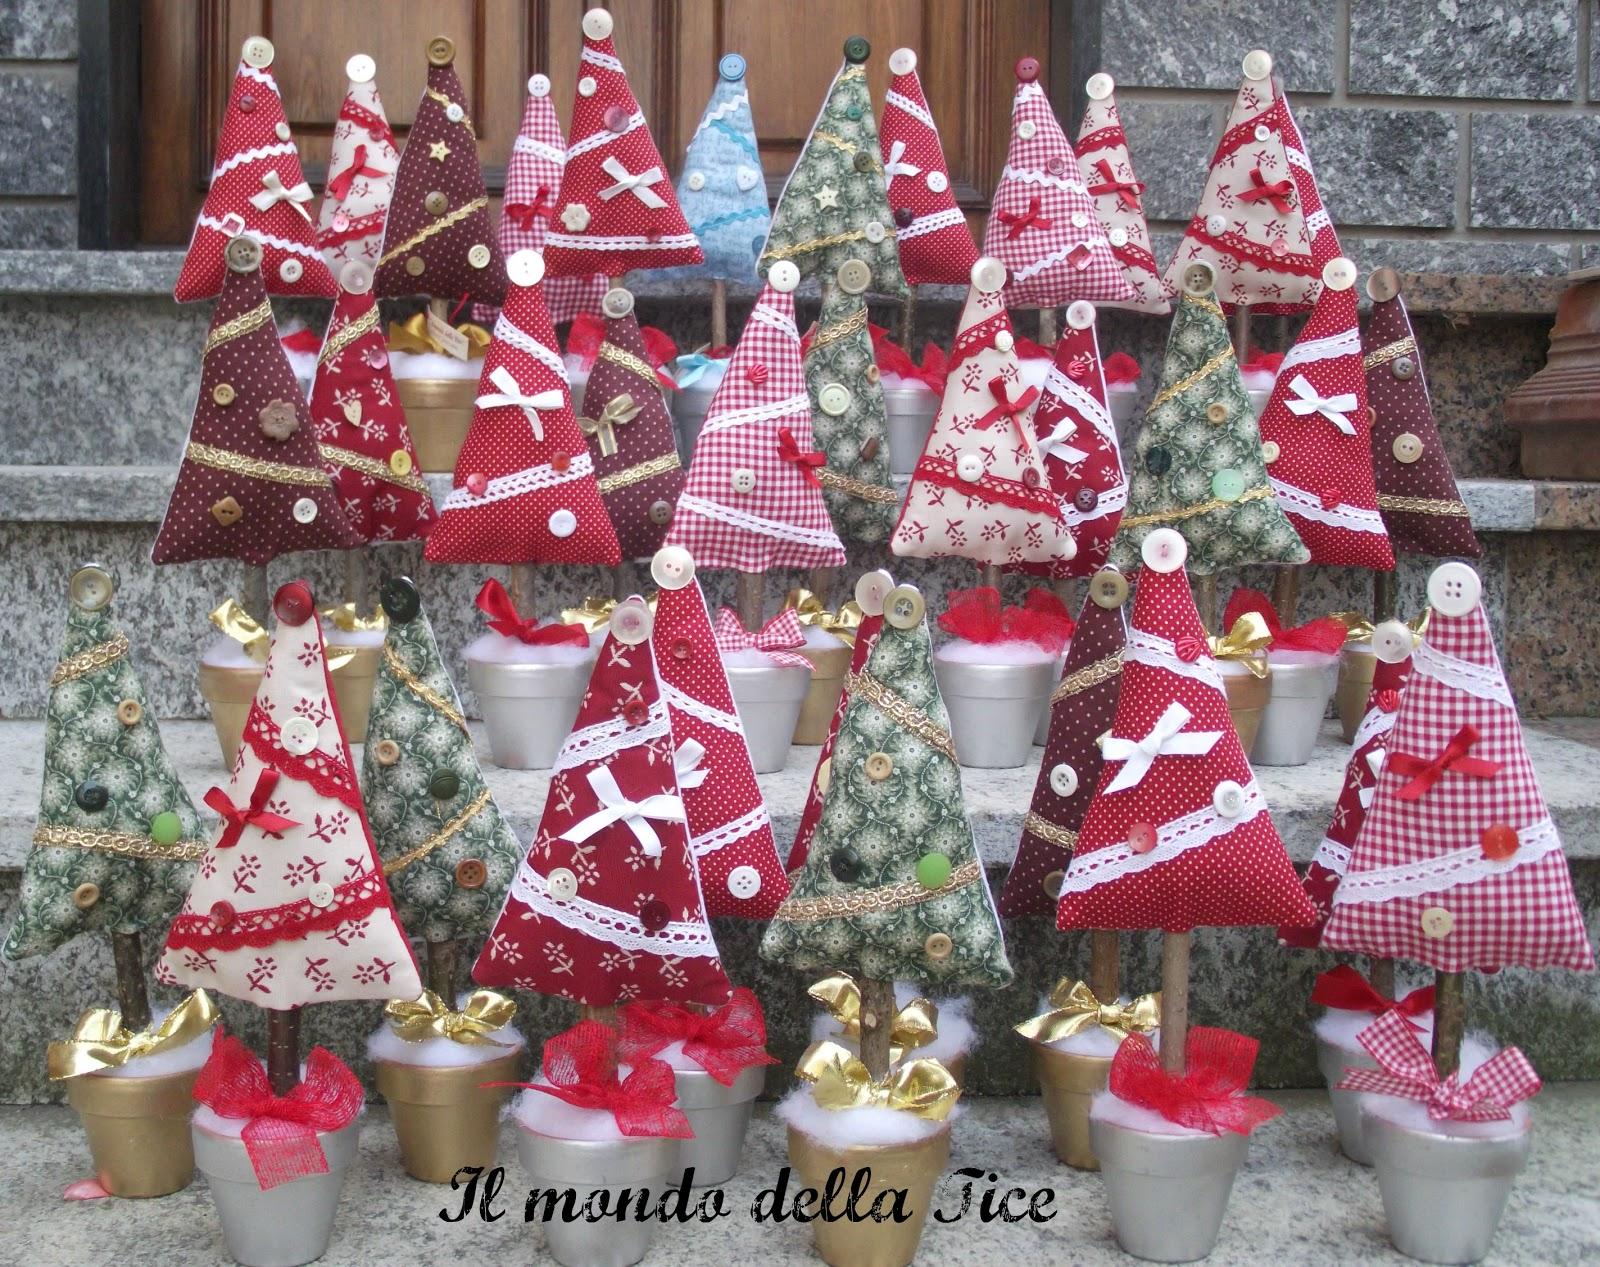 Il mondo della tice alberelli di natale e hobby show for Alberelli di natale